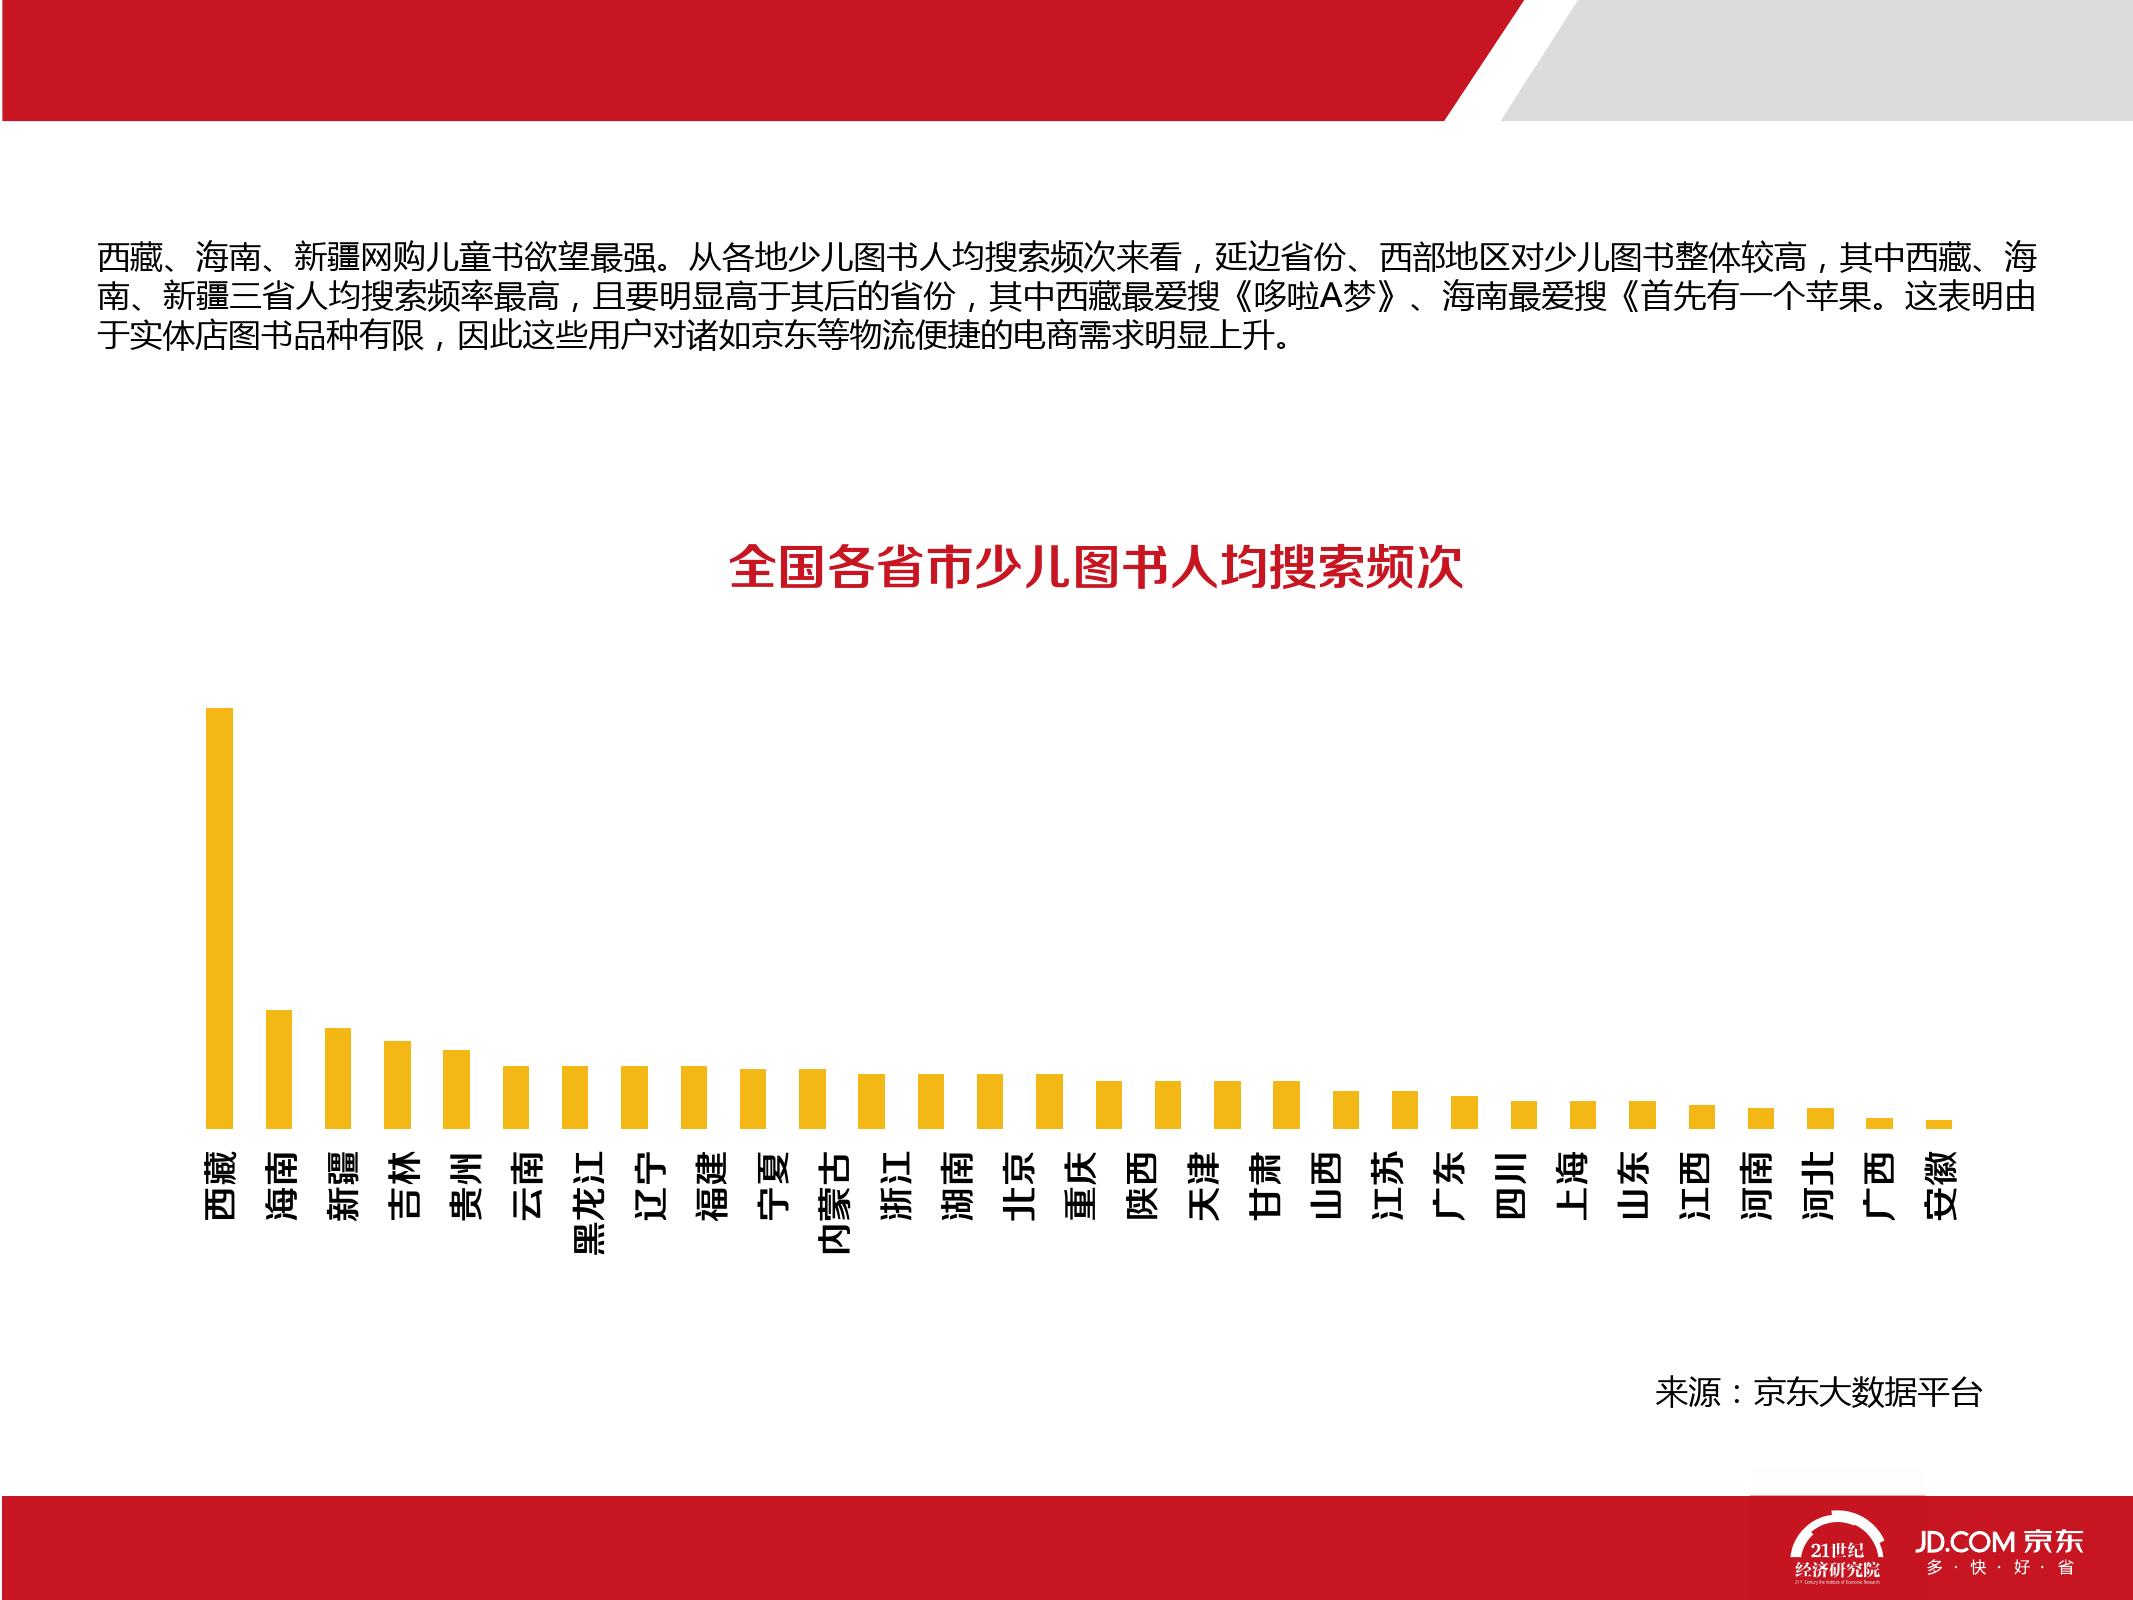 2016中国母婴产品消费趋势报告_000034